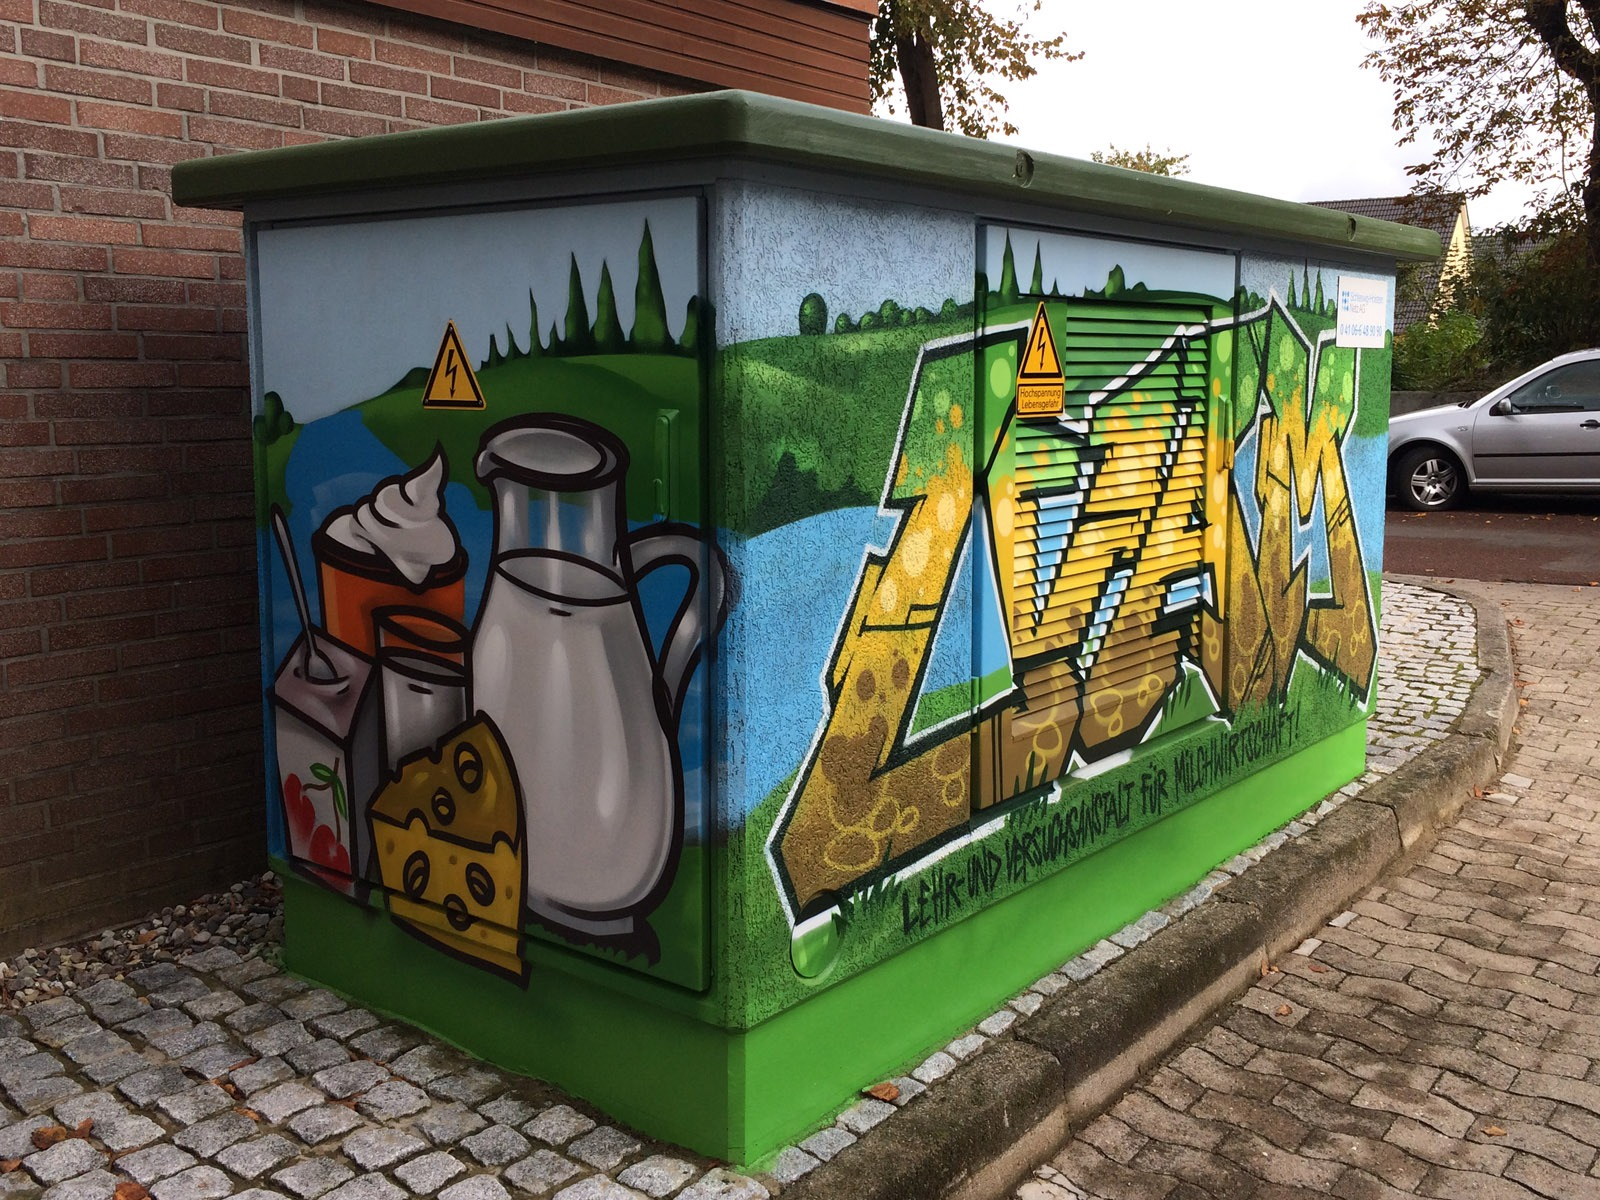 graffitiauftrag-graffitikuenstler-hansewerk-2016-graffiti-essen-landschaft-gruen-bunt-comic-aussen-energieversorger